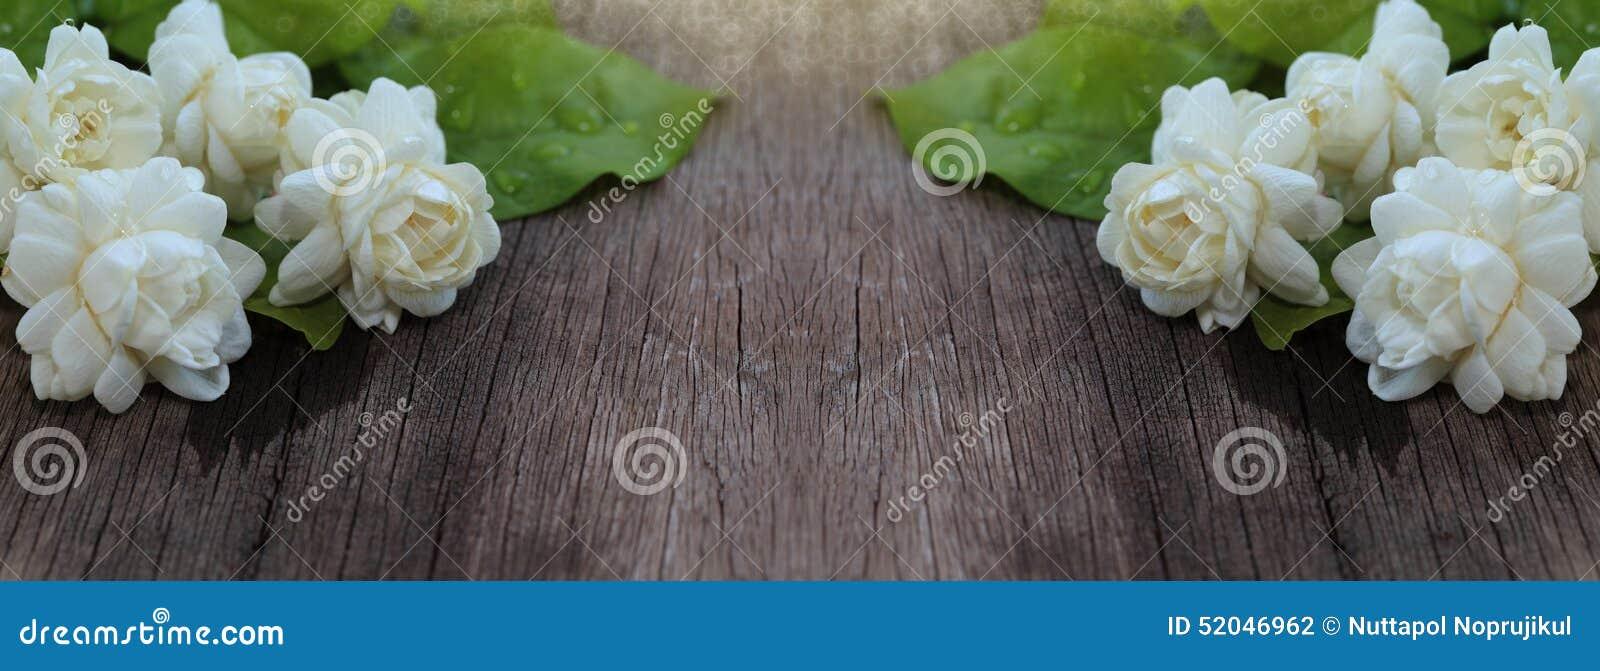 Flor tropical do jasmim na madeira Flores e folhas do jasmim no Br